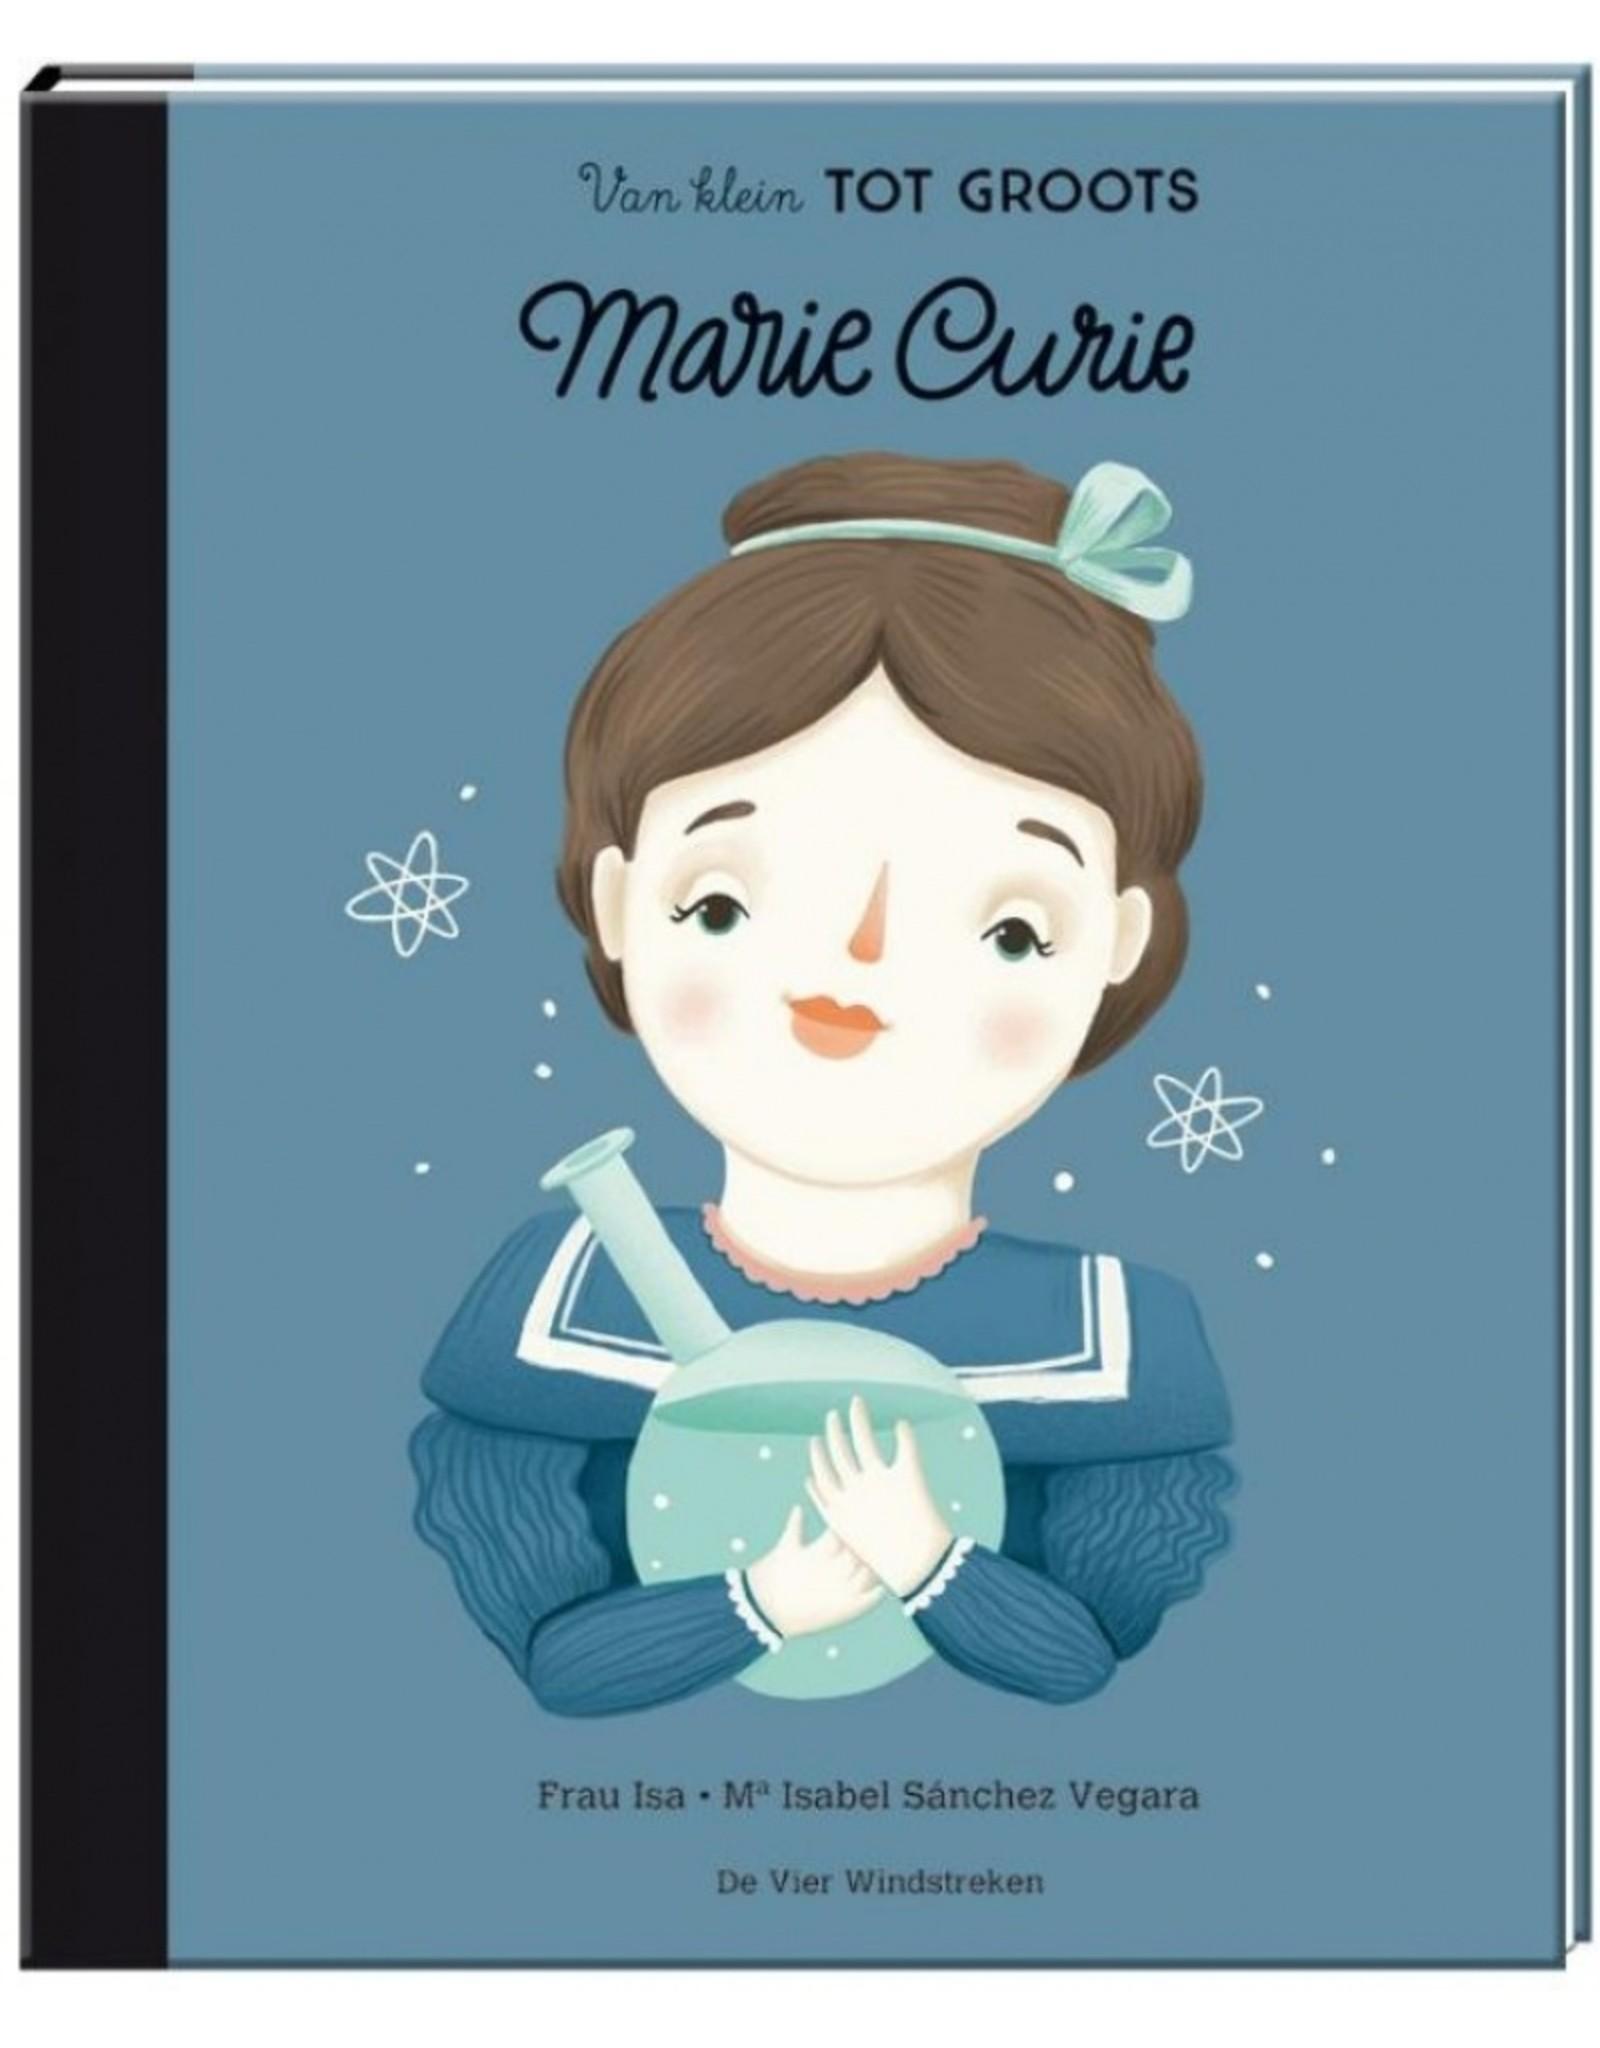 Boek - Van klein tot groots - Marie Curie